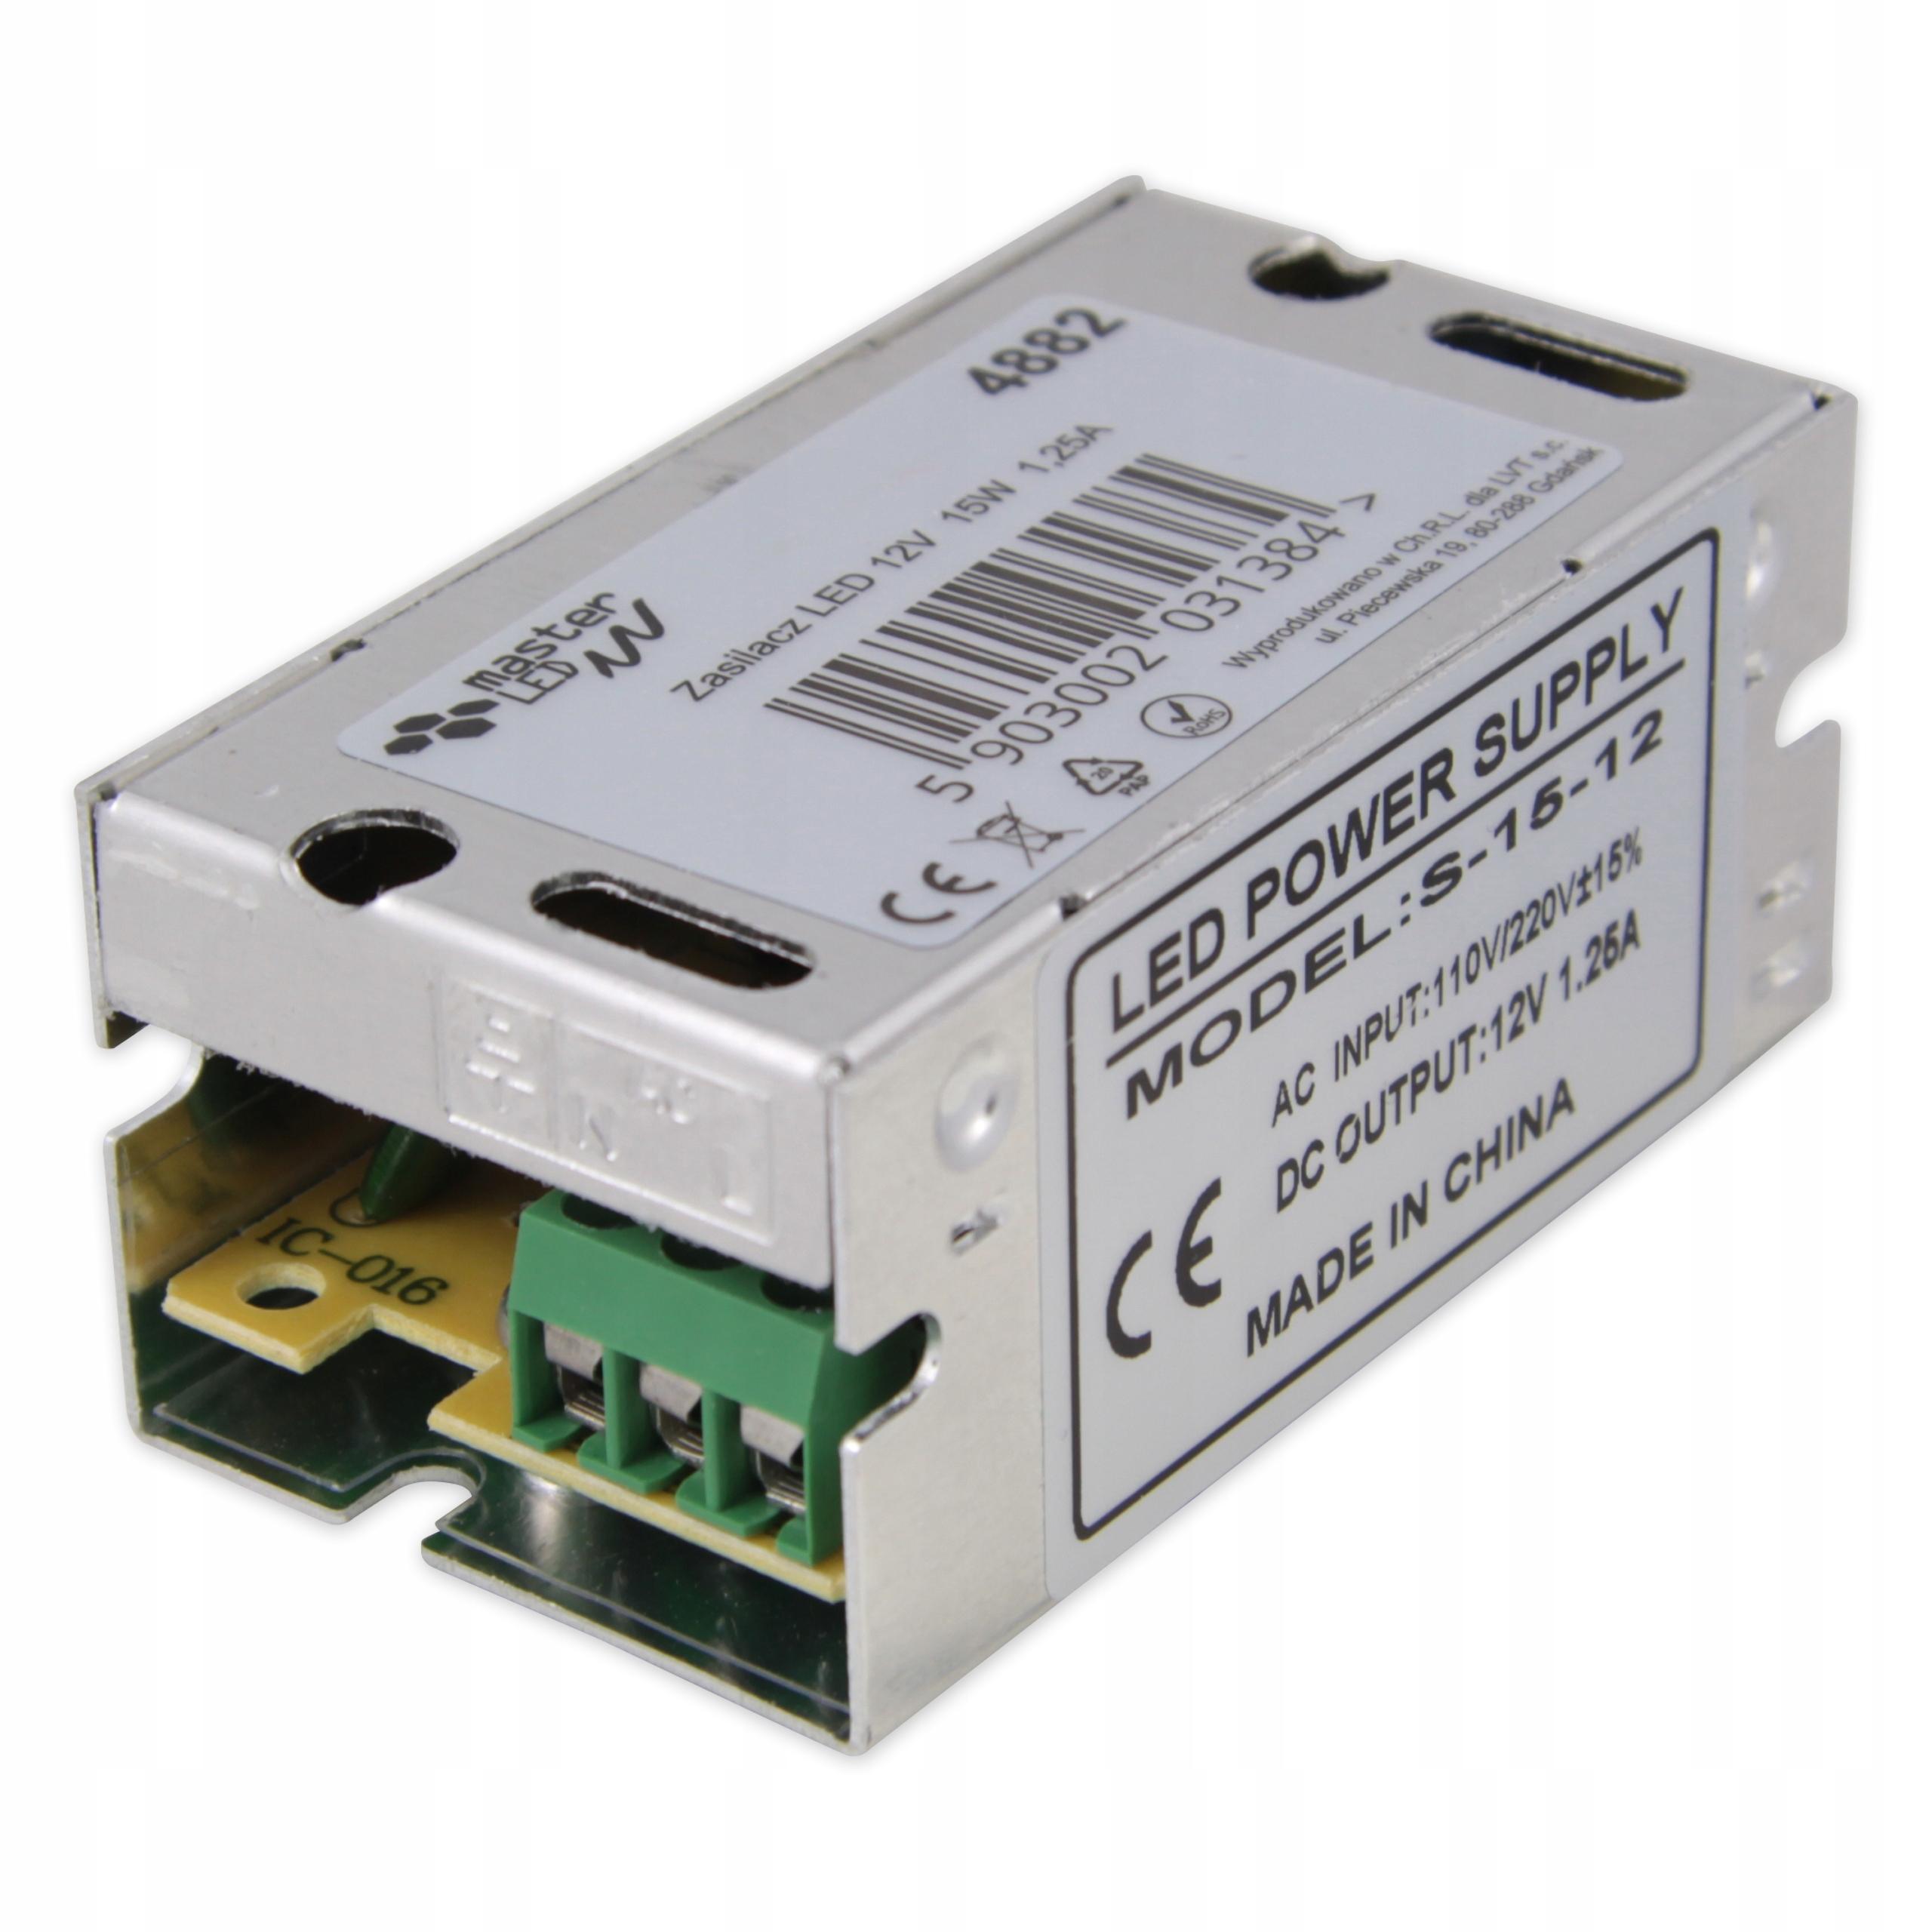 Монтажный блок питания 1.25А для светодиодных лент 12В 15Вт IP20